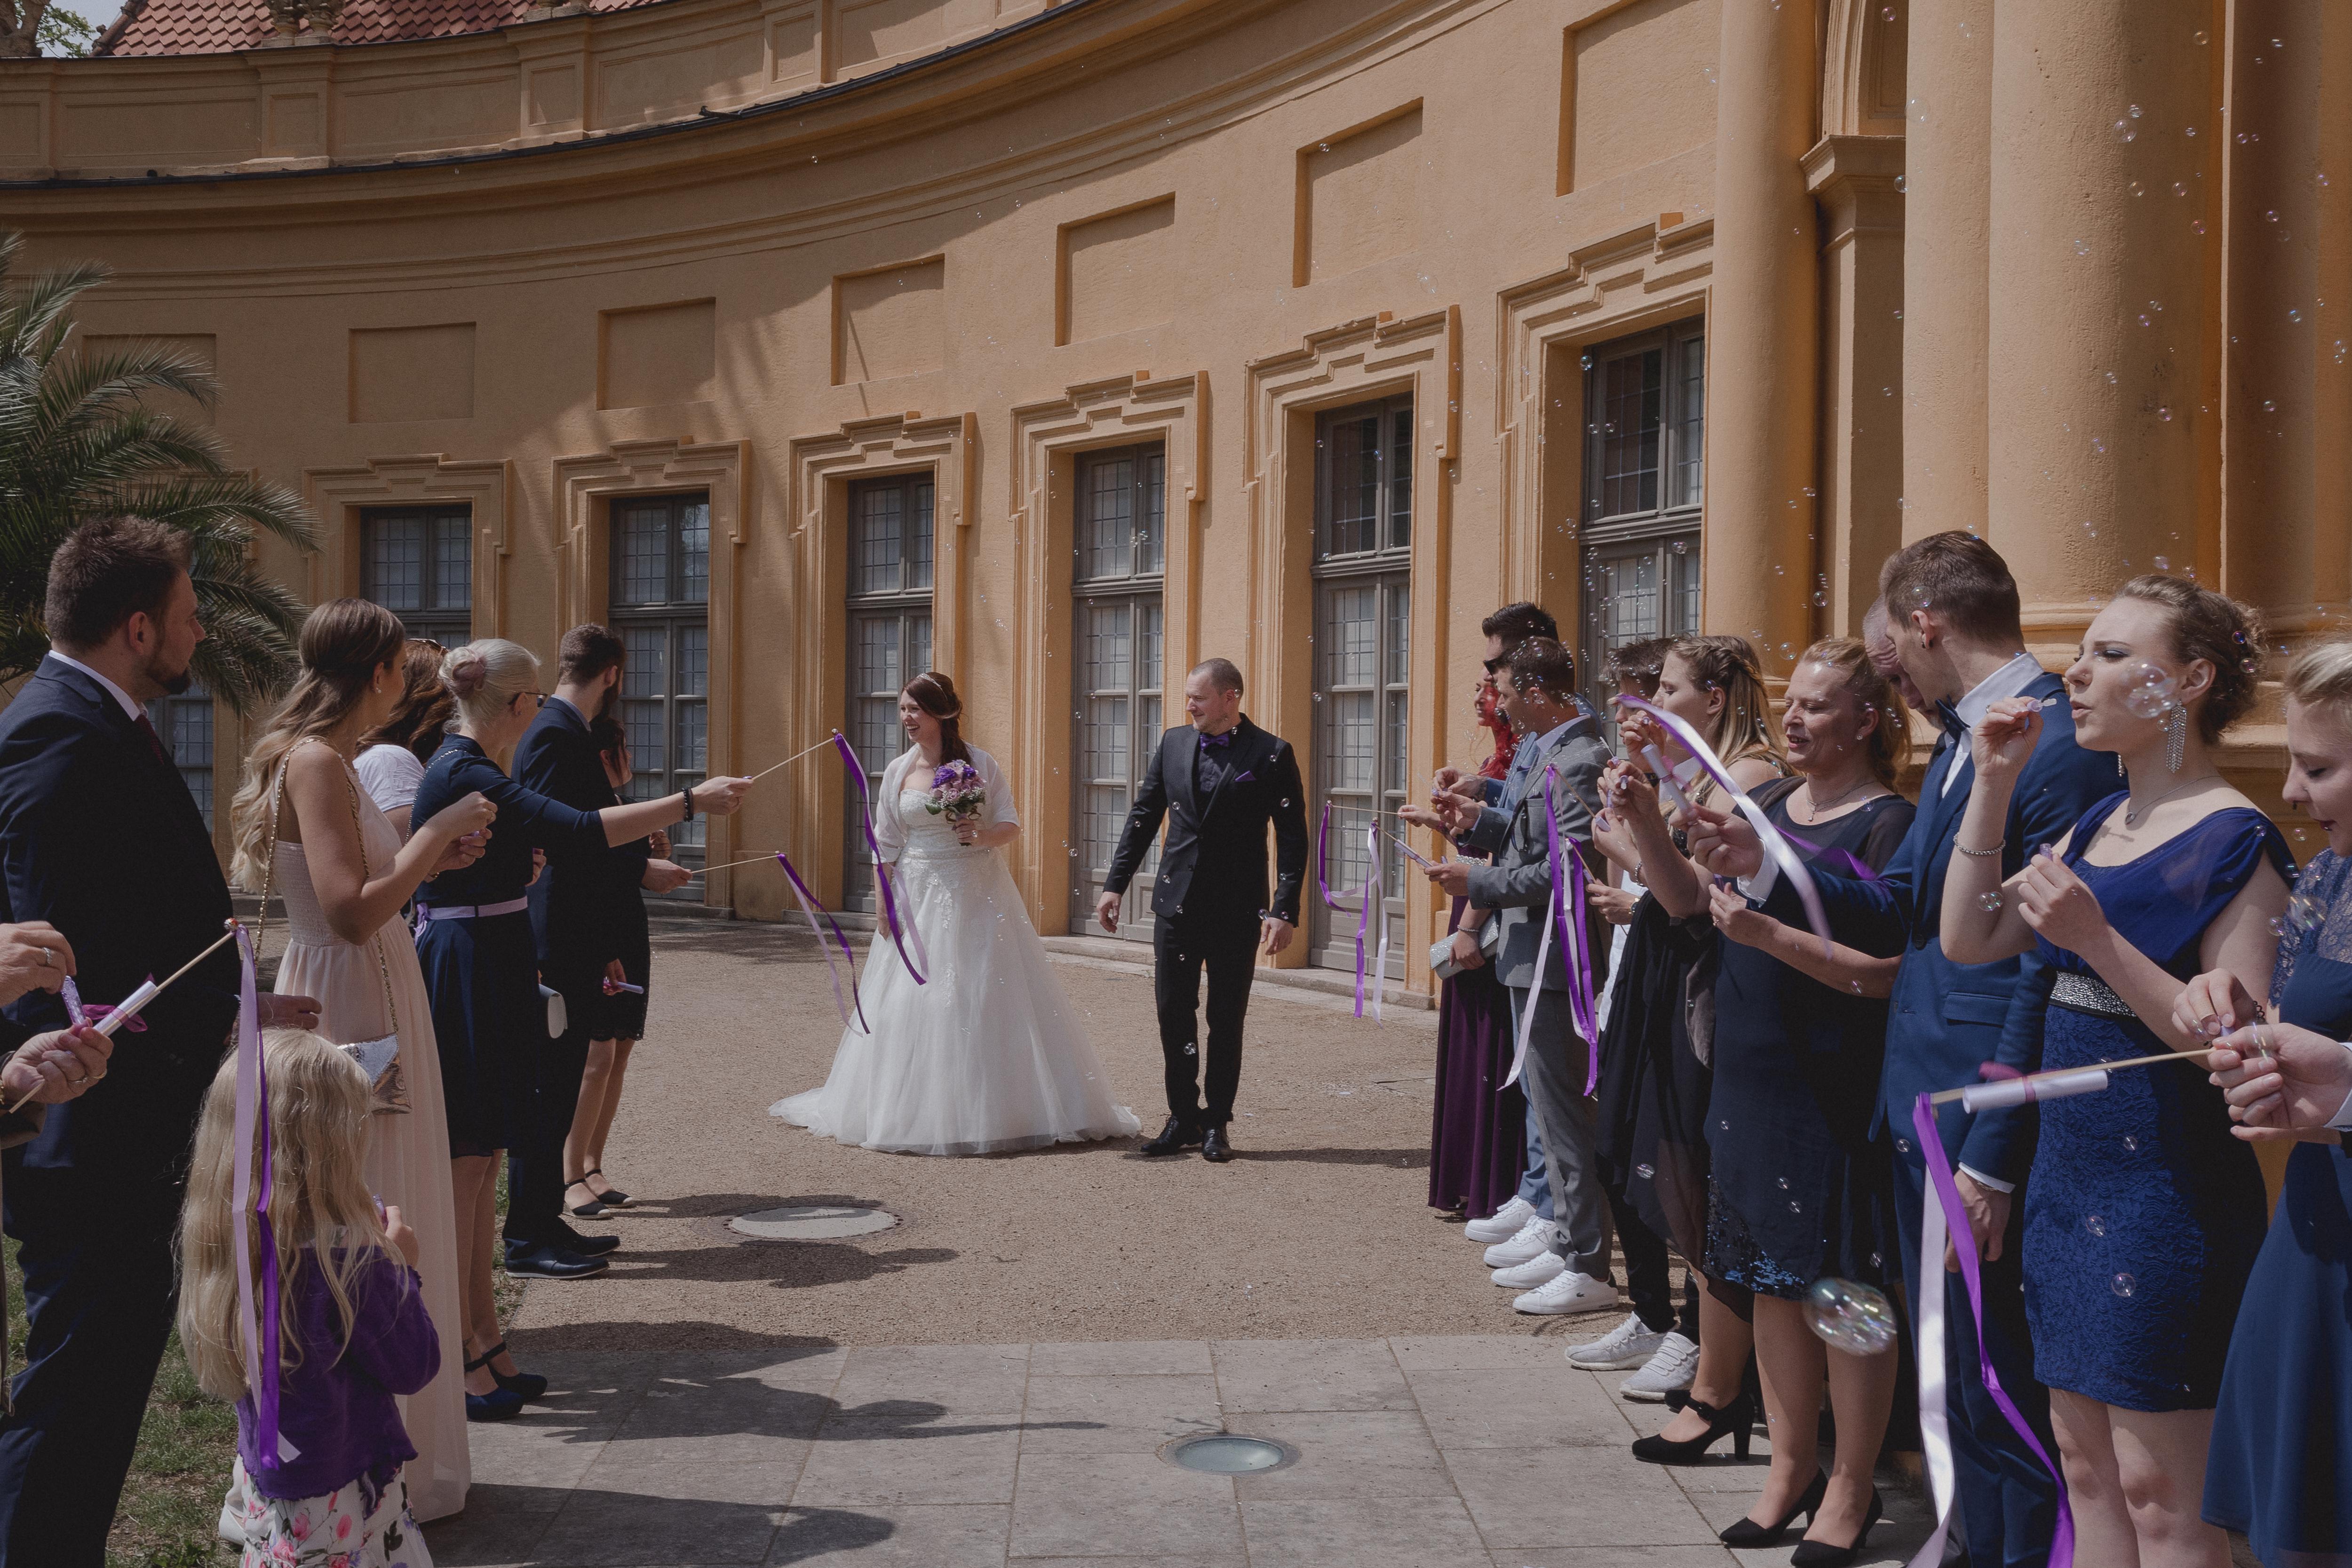 URBANERIE_Daniela_Goth_Vintage_Hochzeitsfotografin_Nuernberg_Fuerth_Erlangen_180519_0398